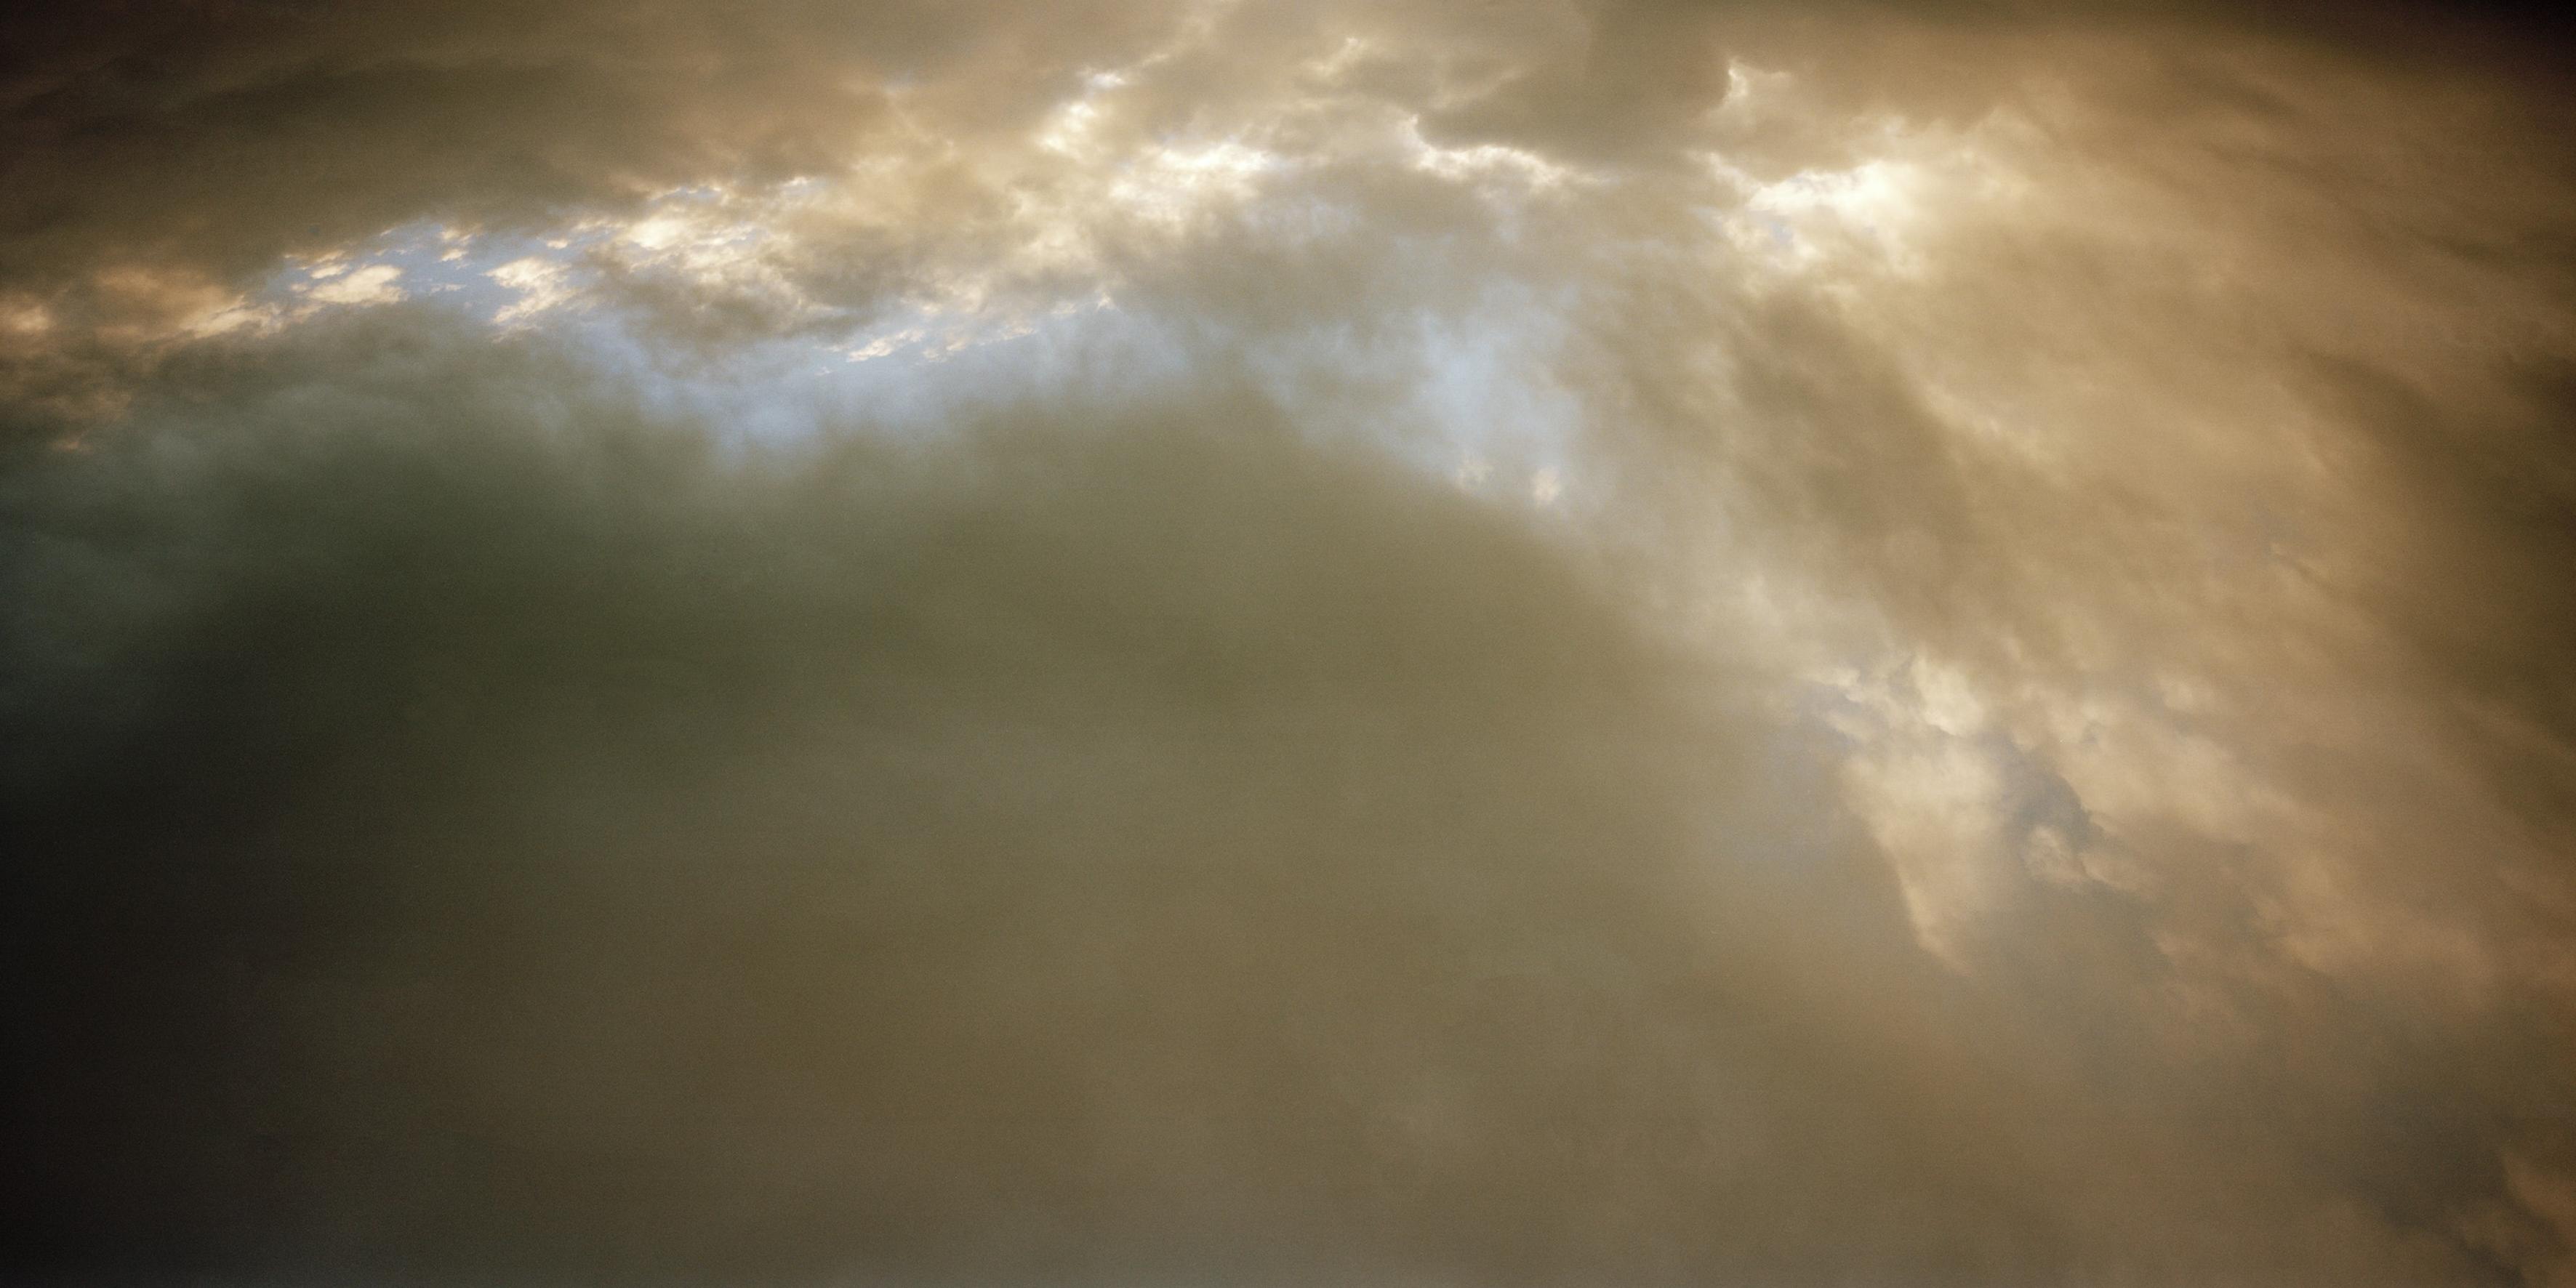 Nuvola_Chiaramonte